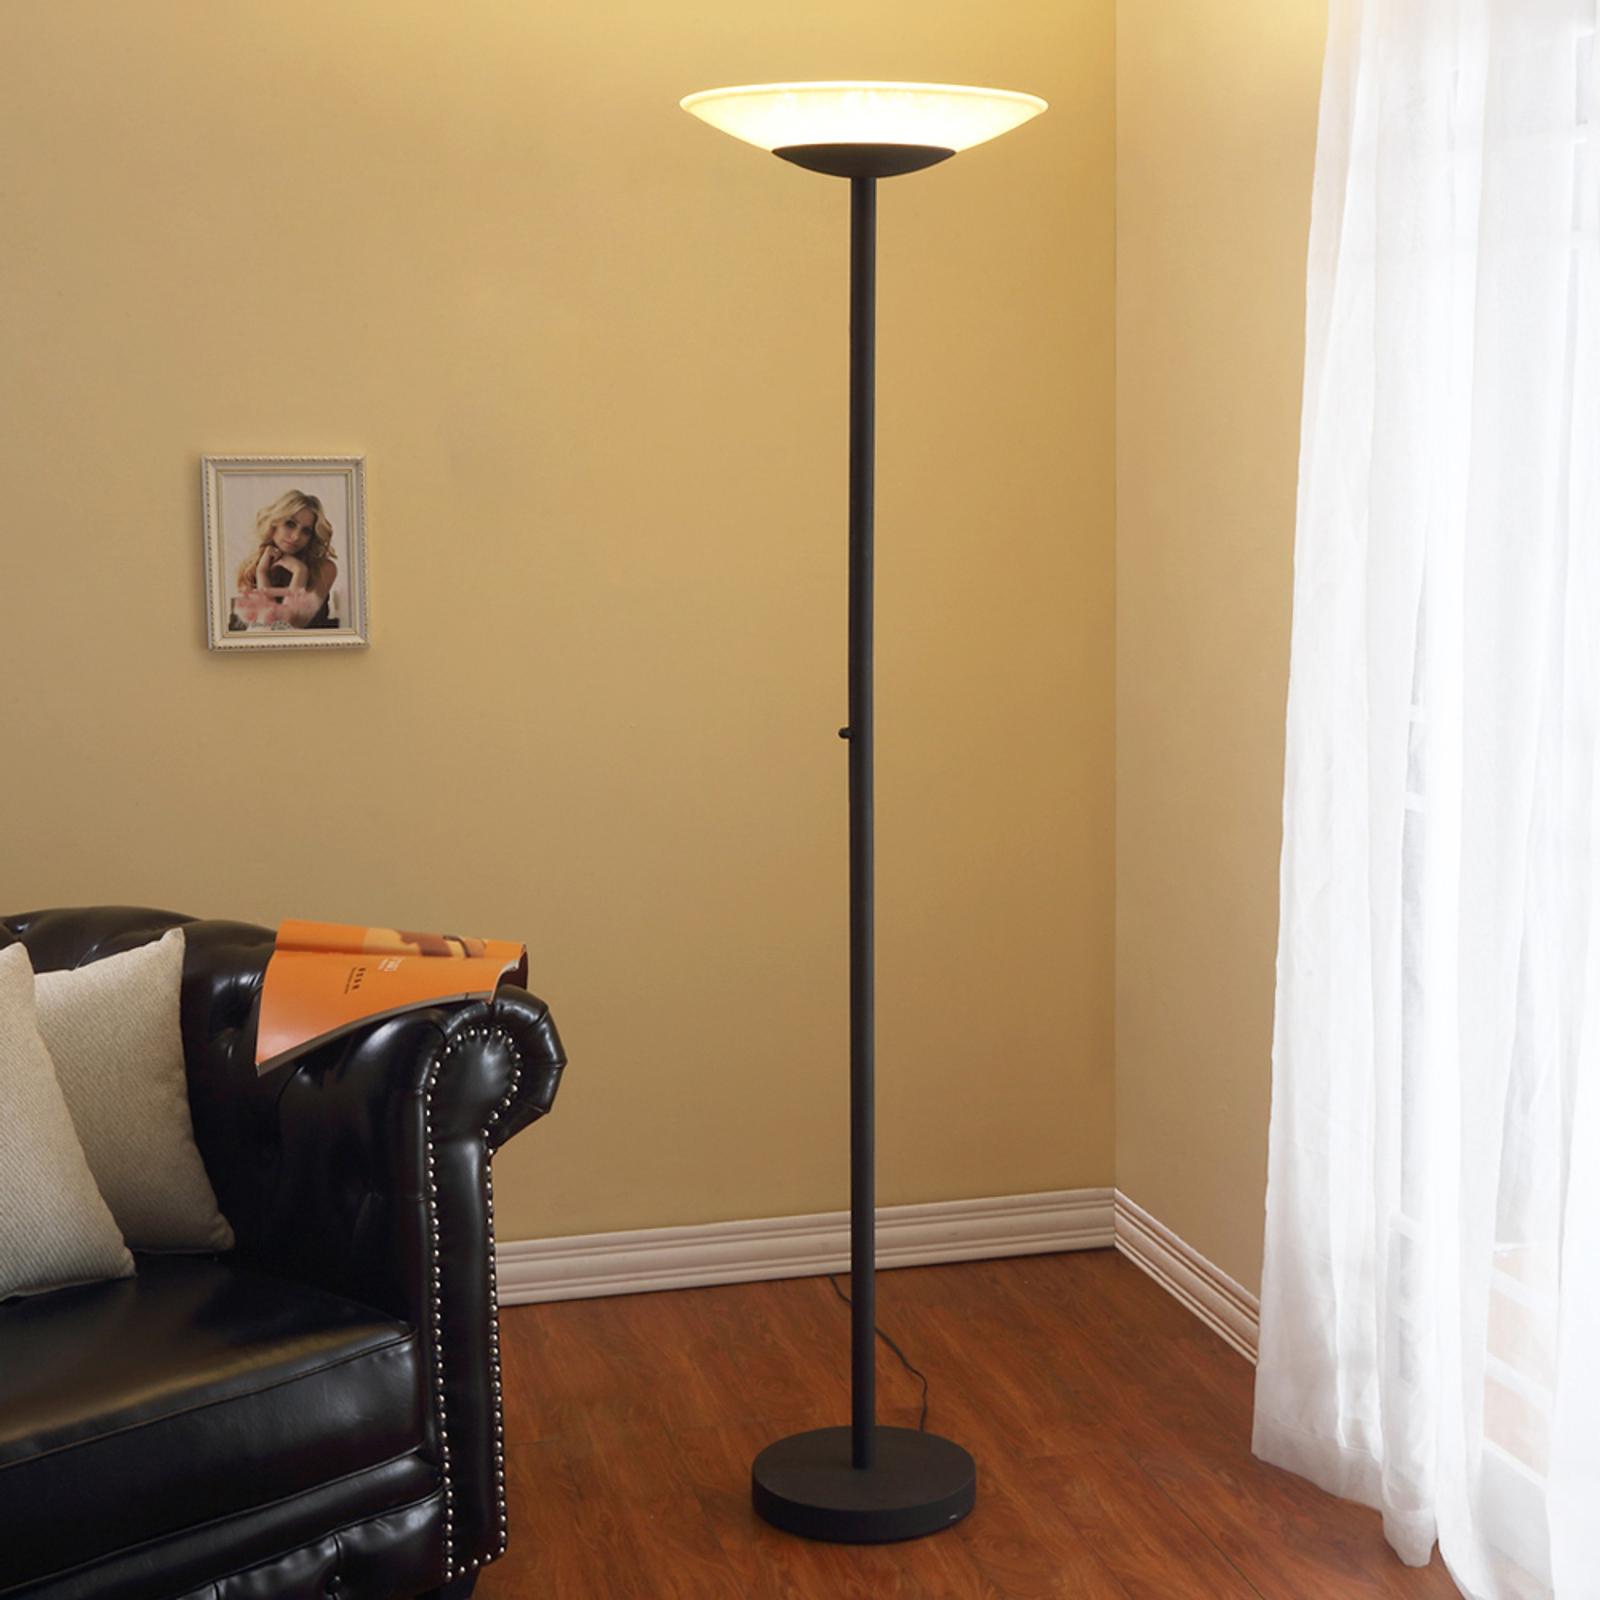 LED-Deckenfluter Ragna mit Dimmer, rostfarben